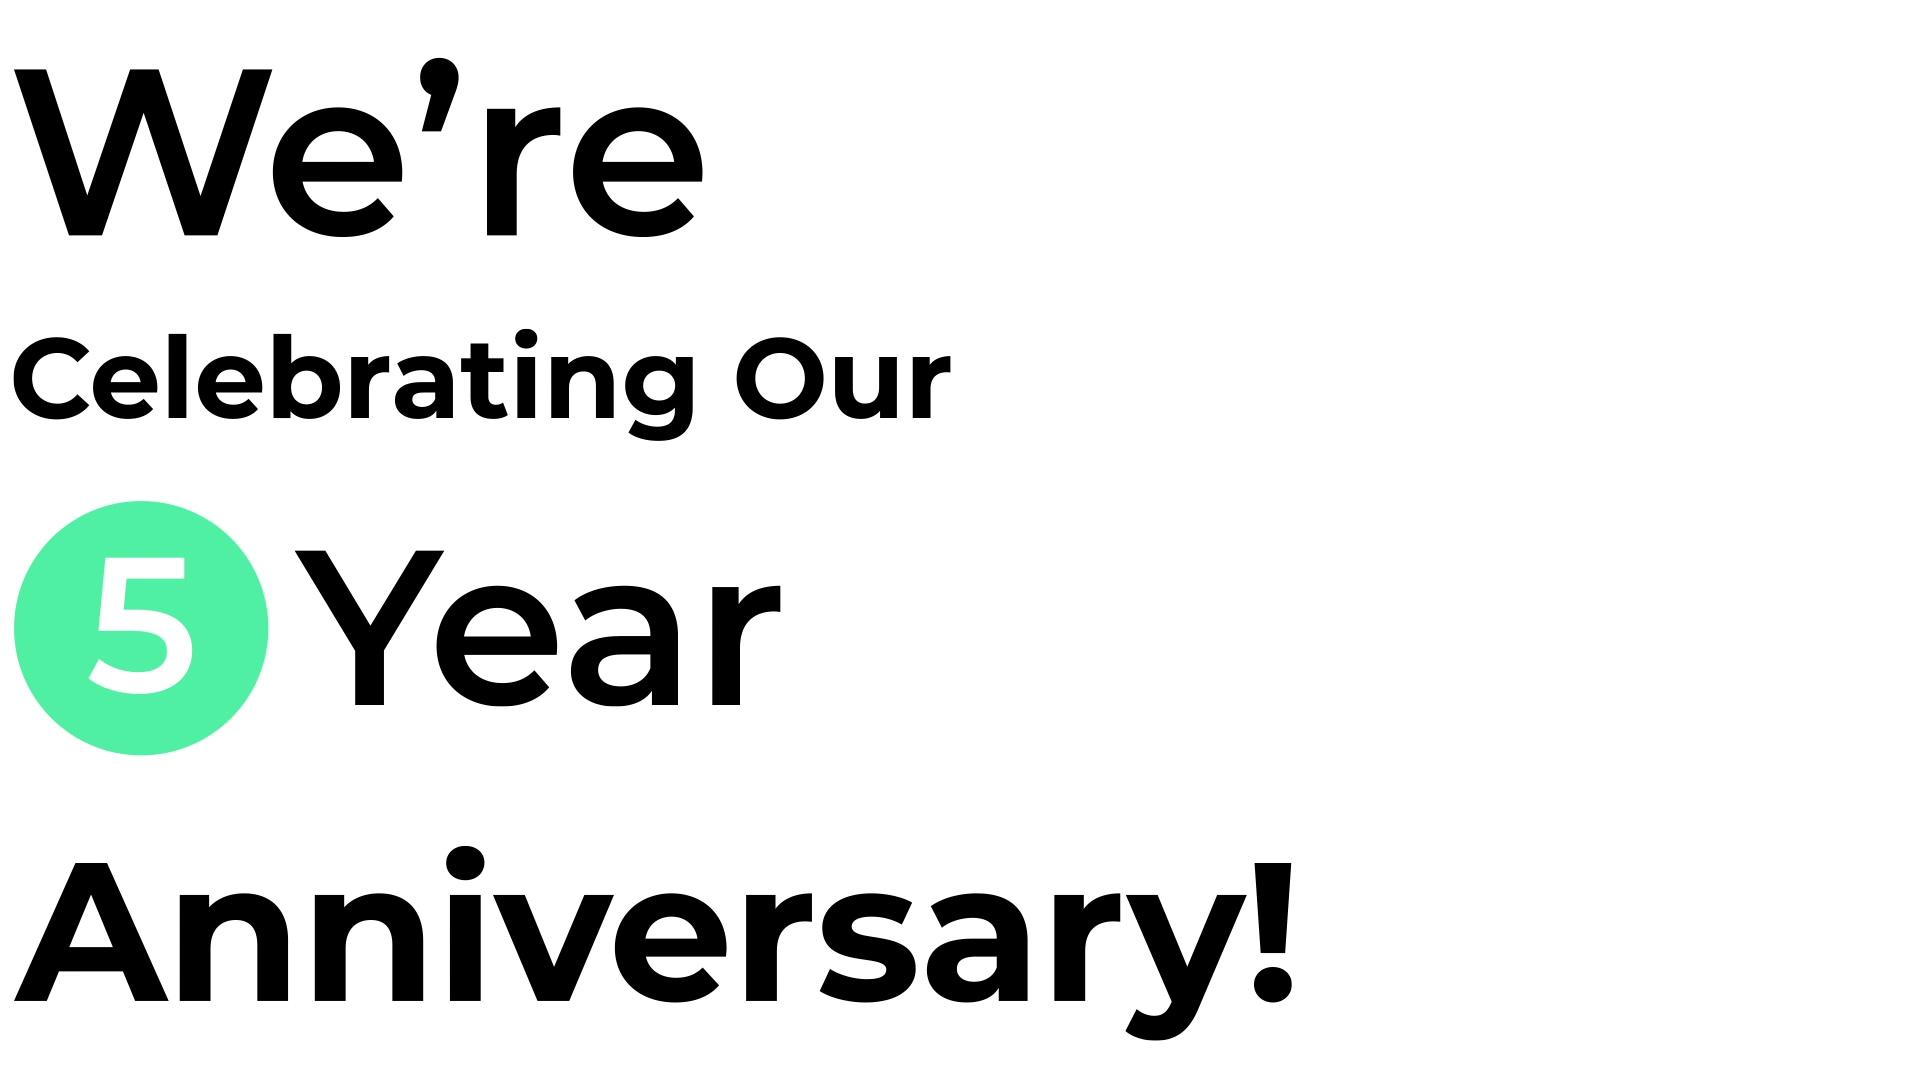 5 Year Anniversary Video